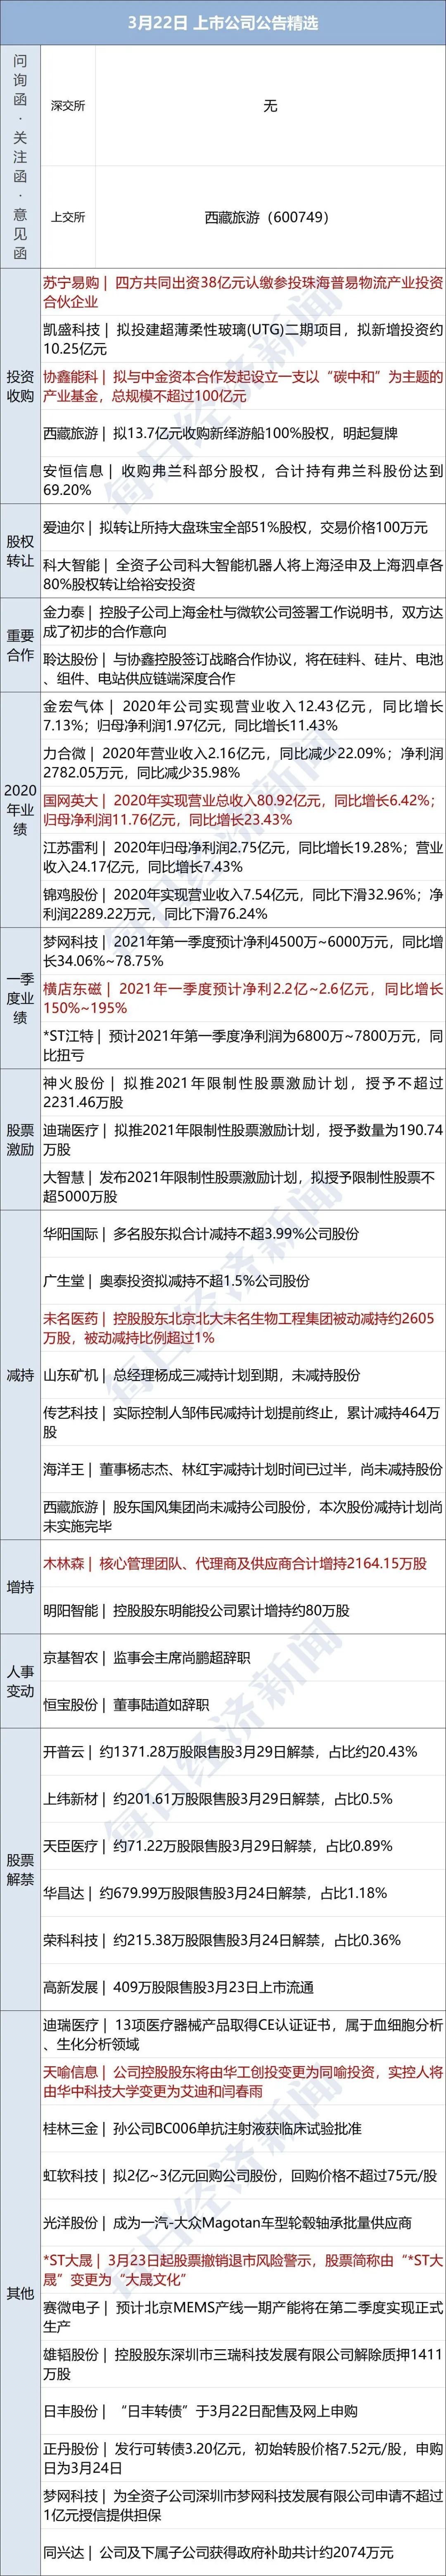 早财经|中疾控主任高福谈西安检验师打疫苗仍感染:希望国内2022年初基本达成群体免疫;部分彩电厂商计划提价;五一机票预订量达2019年两倍